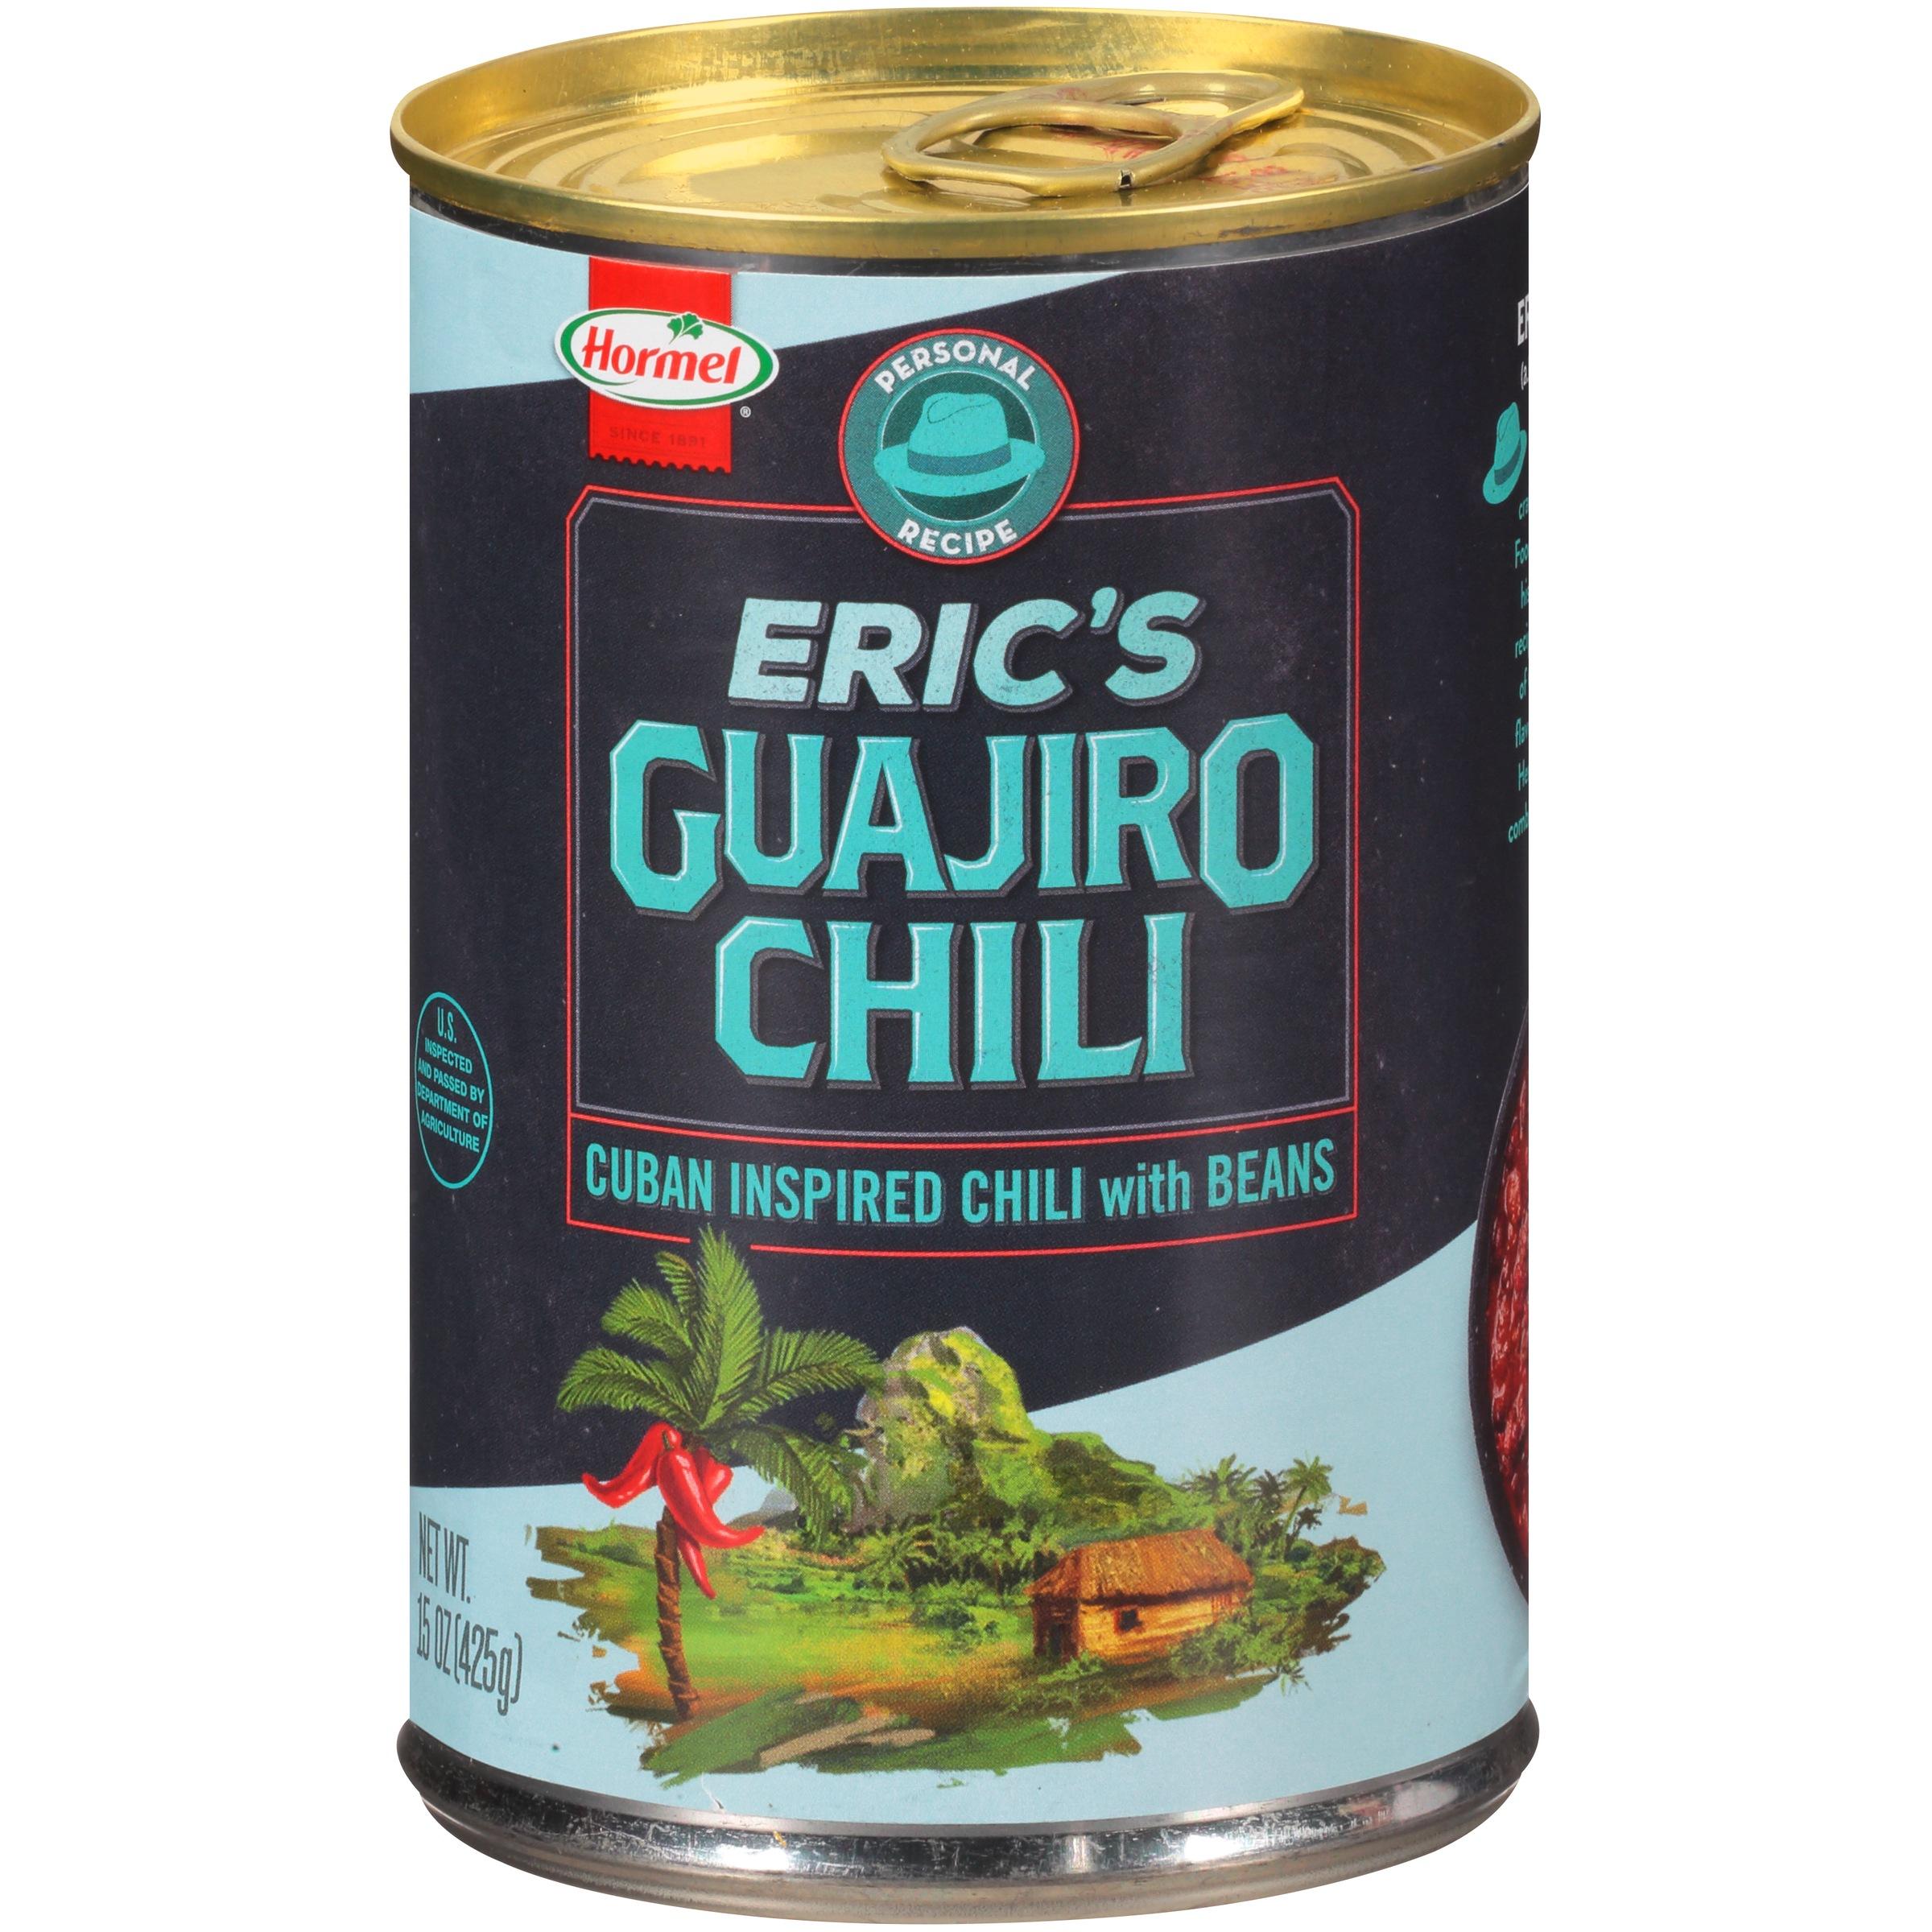 Eric's Guajiro Chili 15 oz. Can